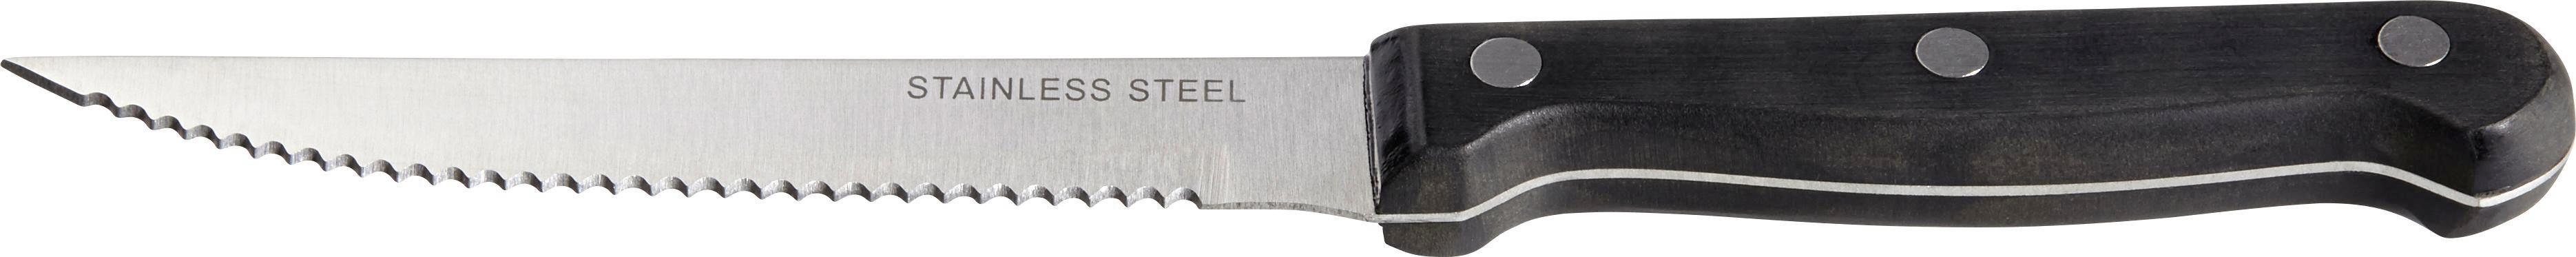 Steakmesserset Linda in Silber/schwarz - Silberfarben/Schwarz, KONVENTIONELL, Kunststoff/Metall (21cm) - MÖMAX modern living